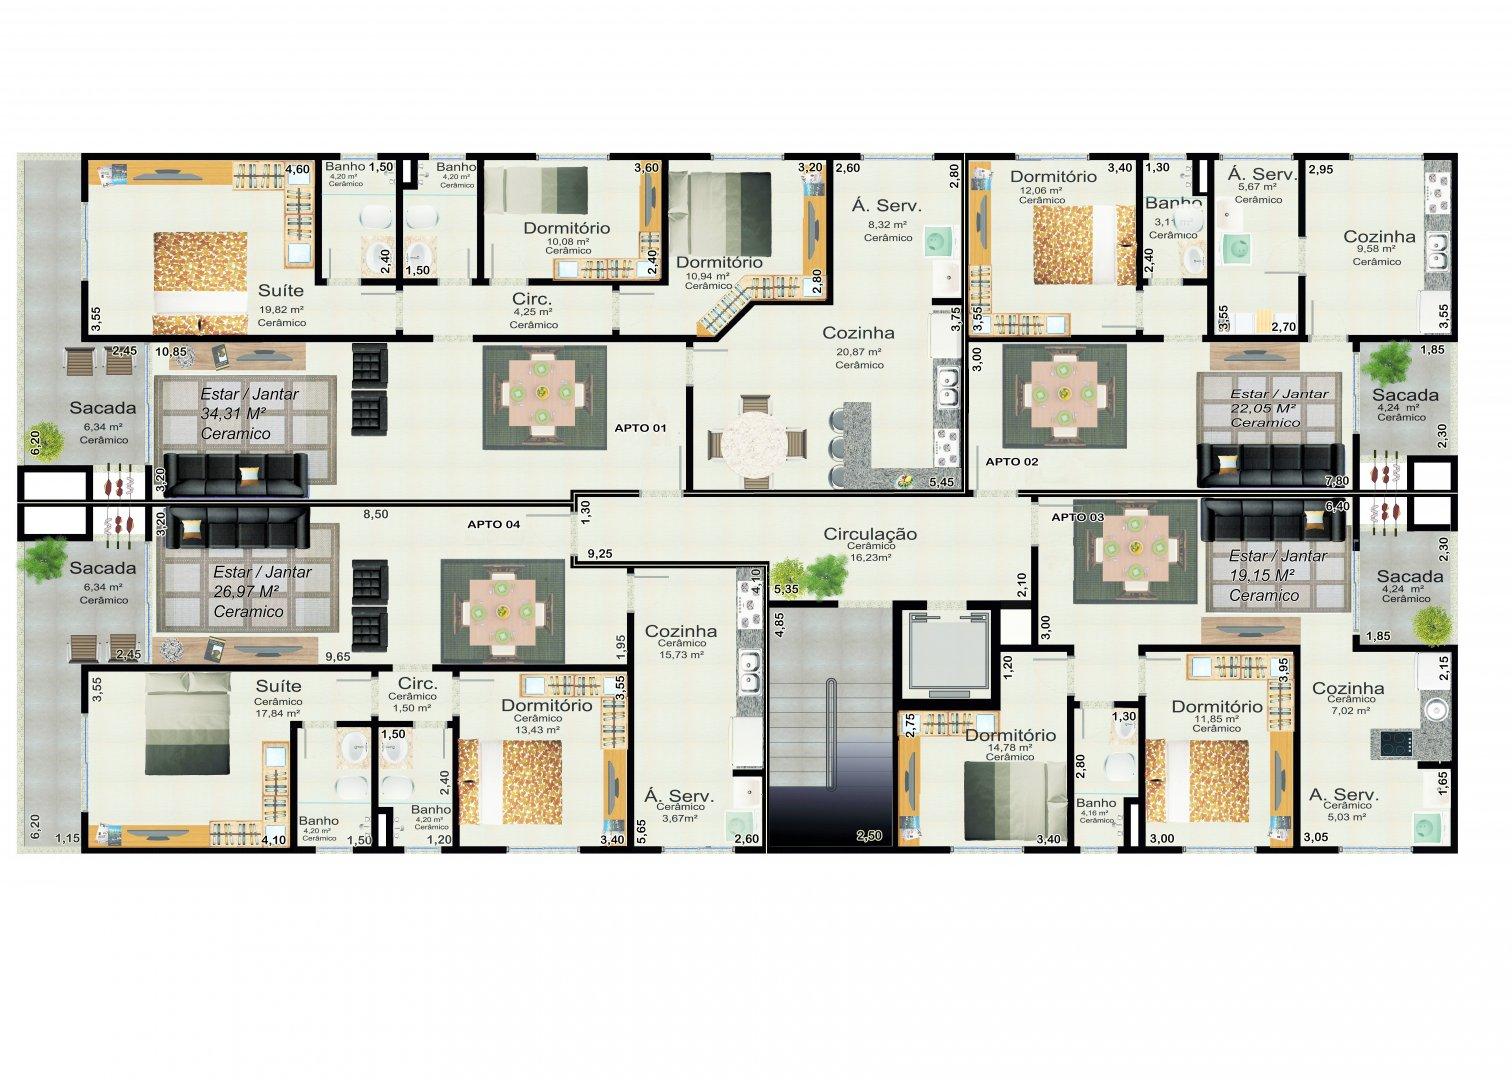 Planta geral dos quatro apartamentos